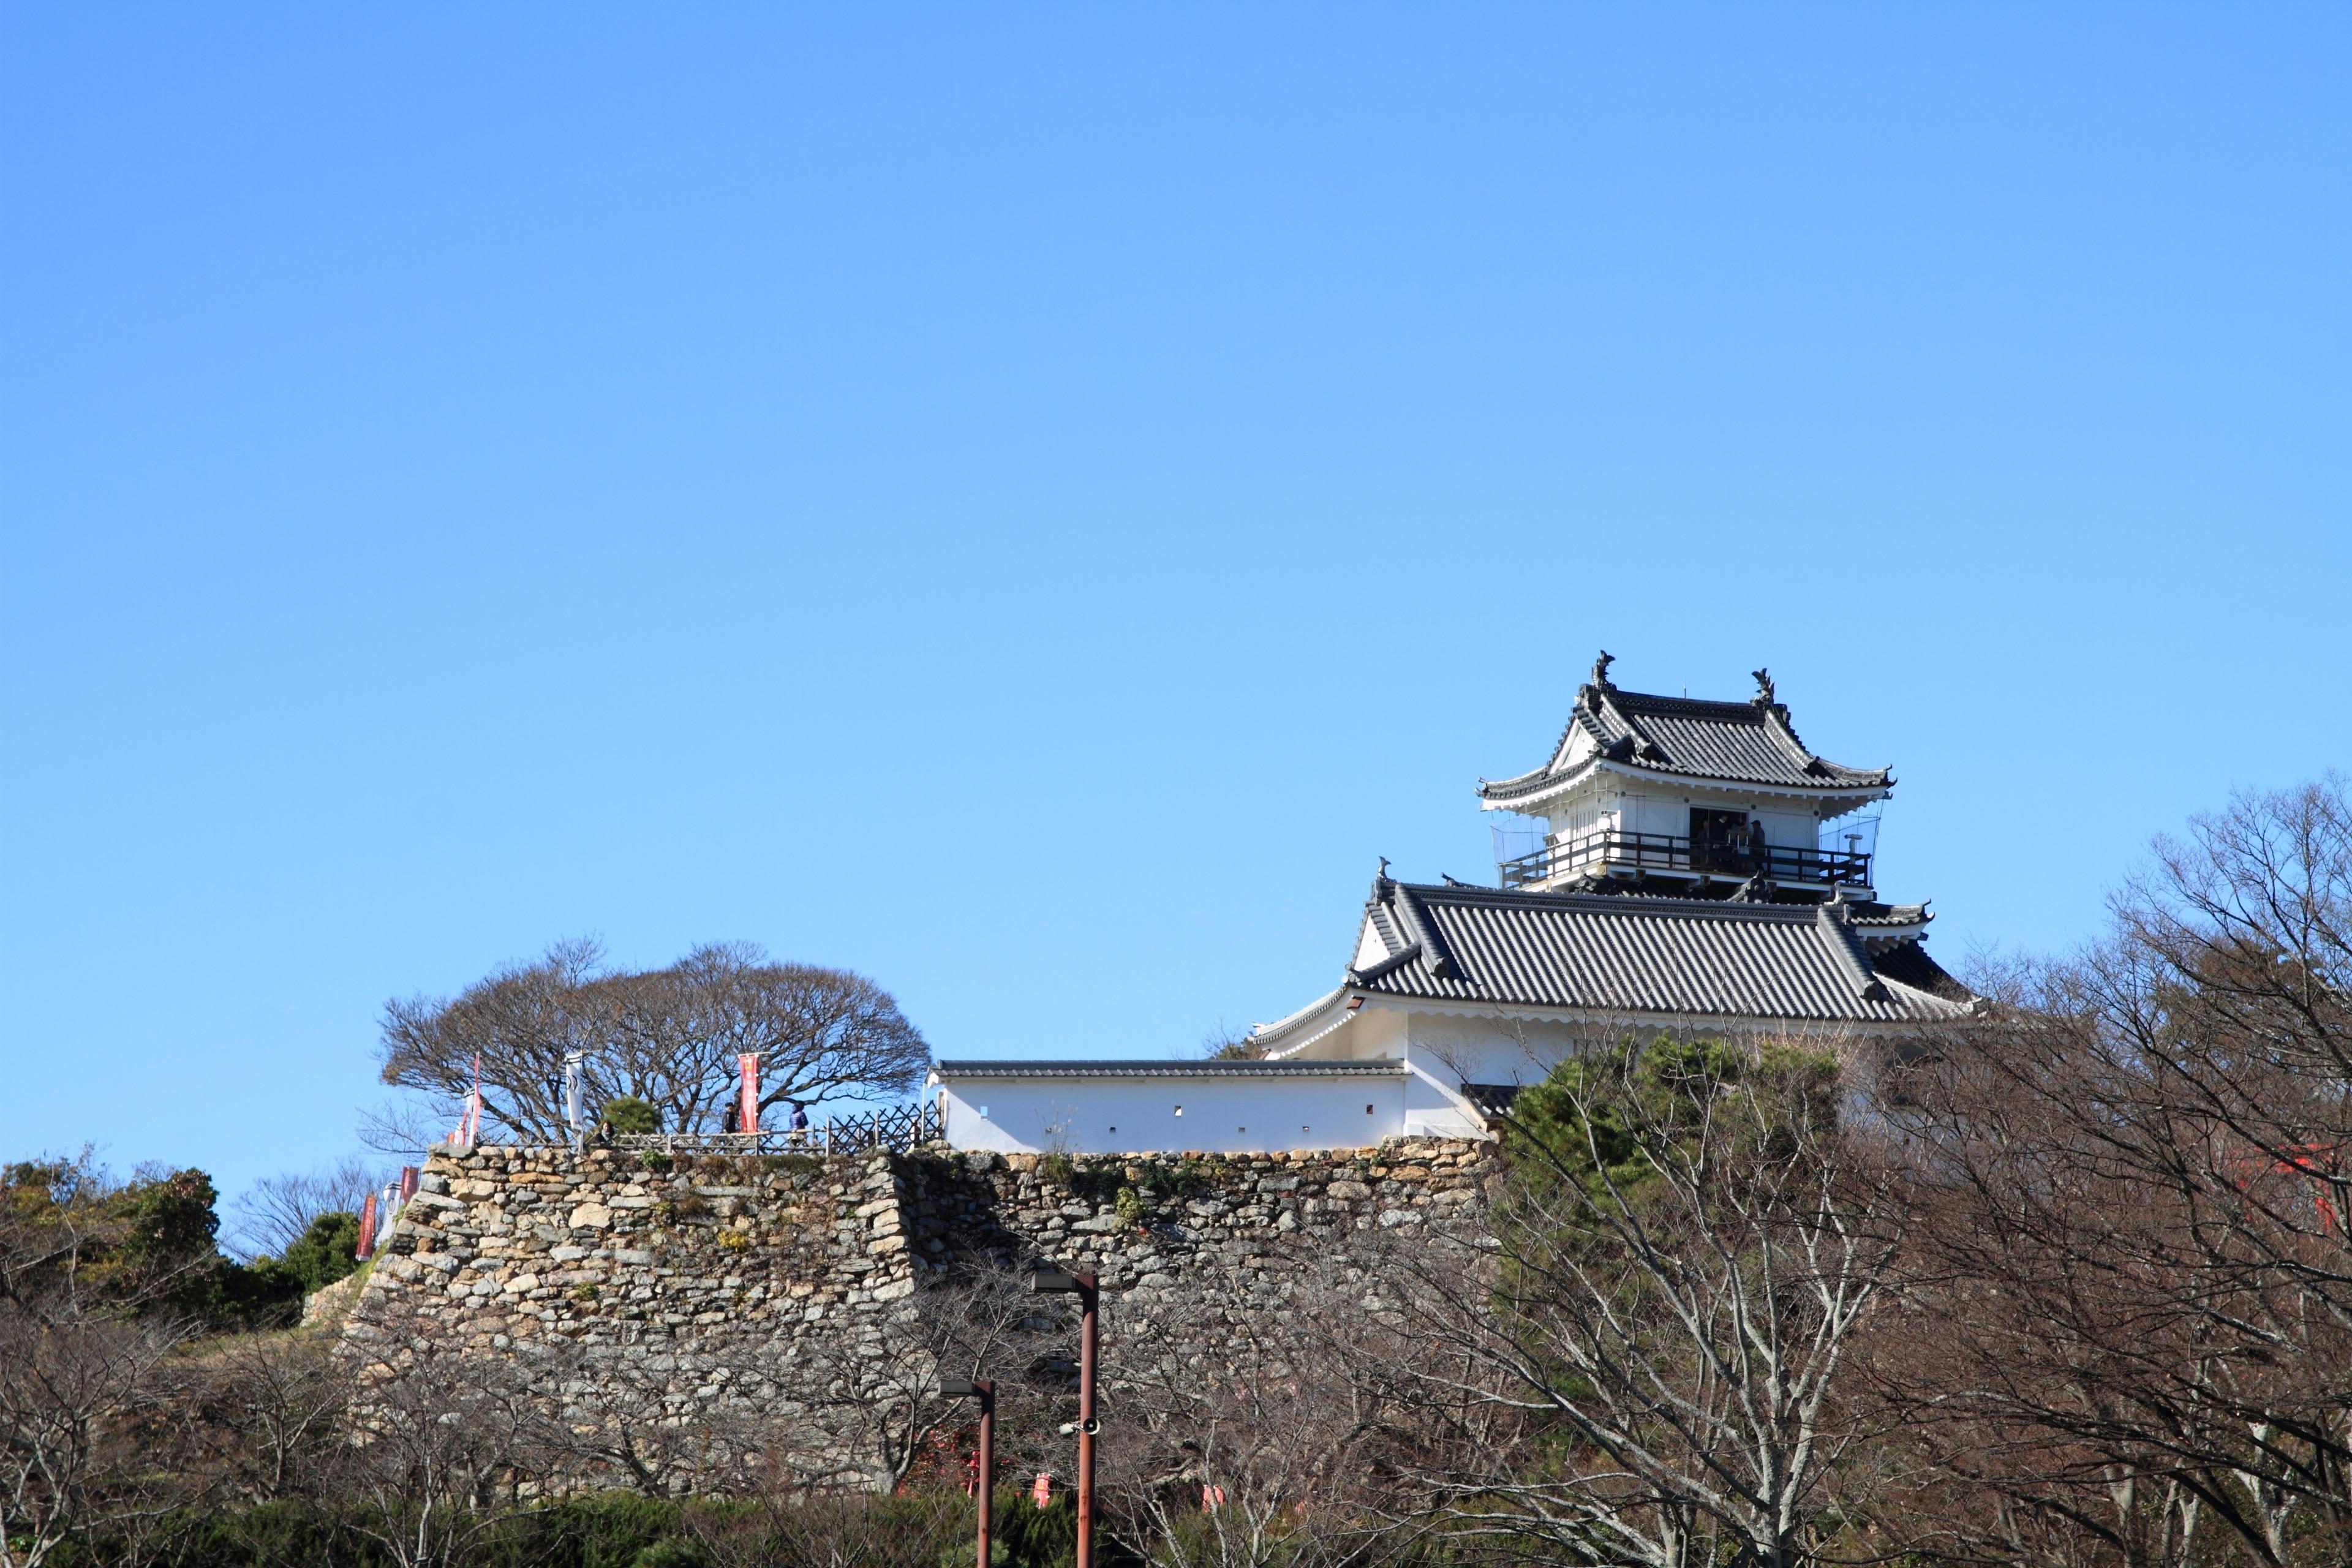 Naka-ku, Hamamatsu, Präfektur Shizuoka, Japan